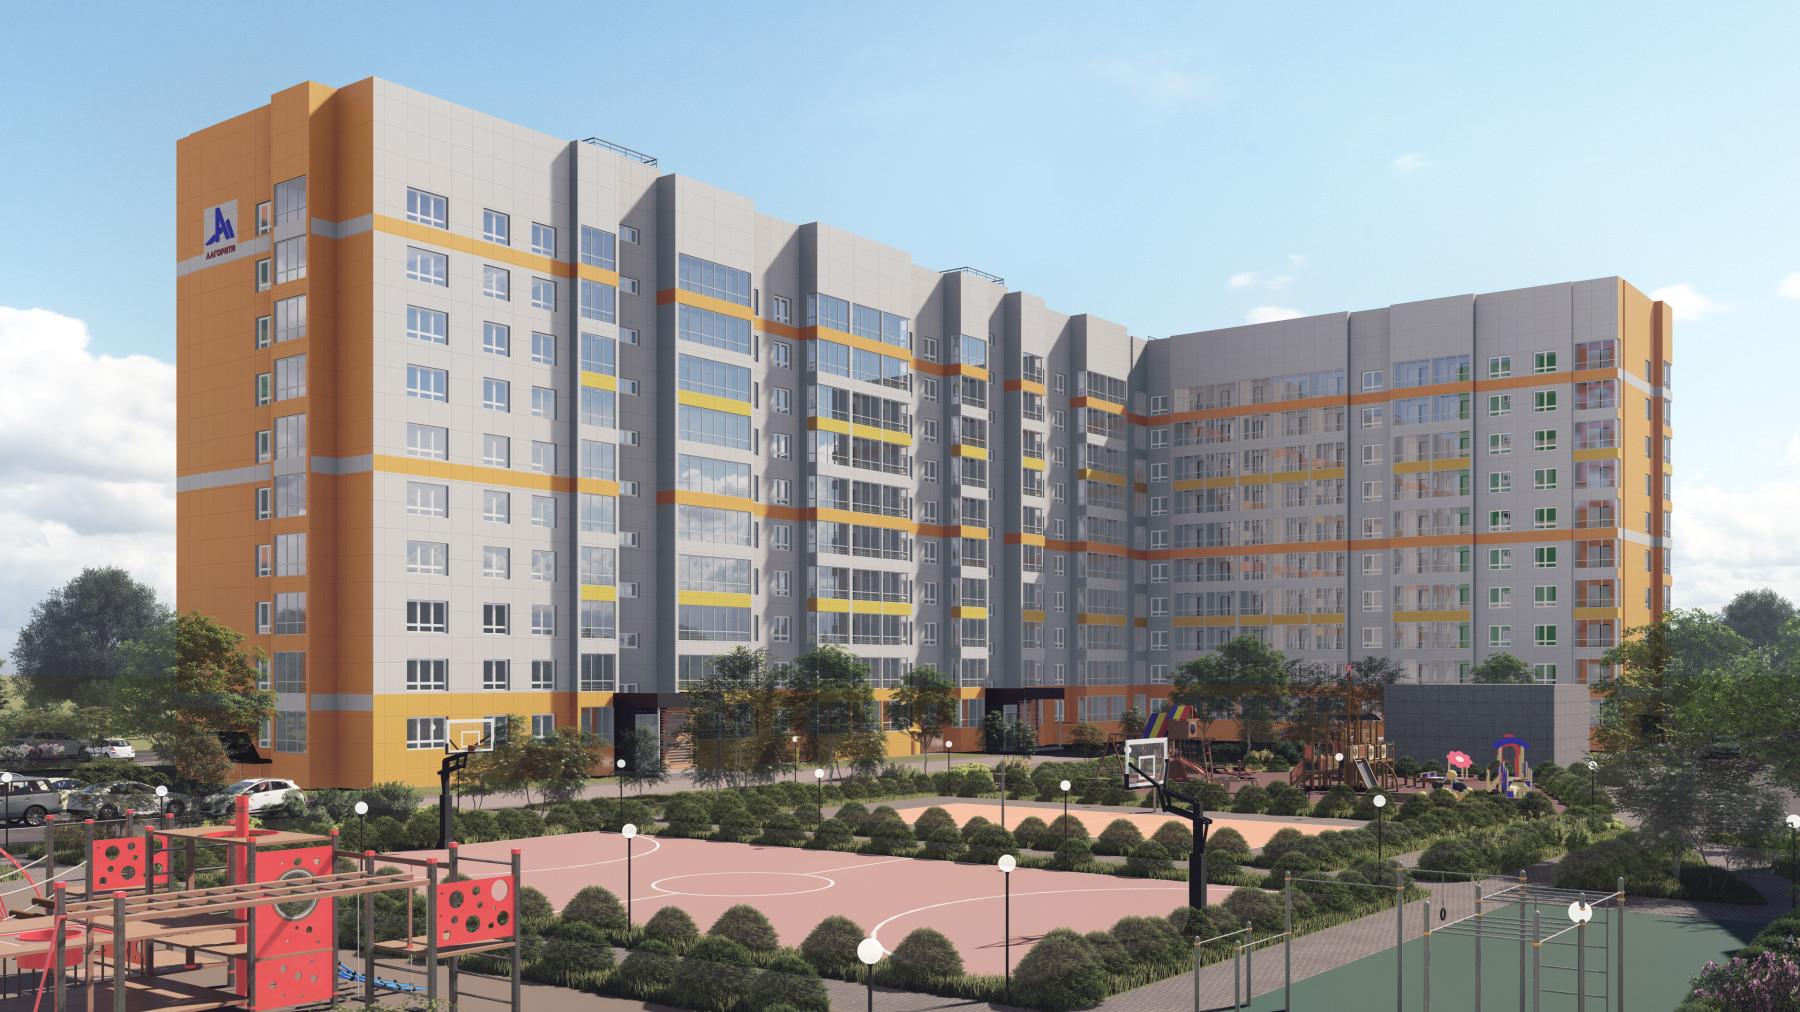 Идеальная квартира рядом: где в Барнауле купить жилье по доступным ценам